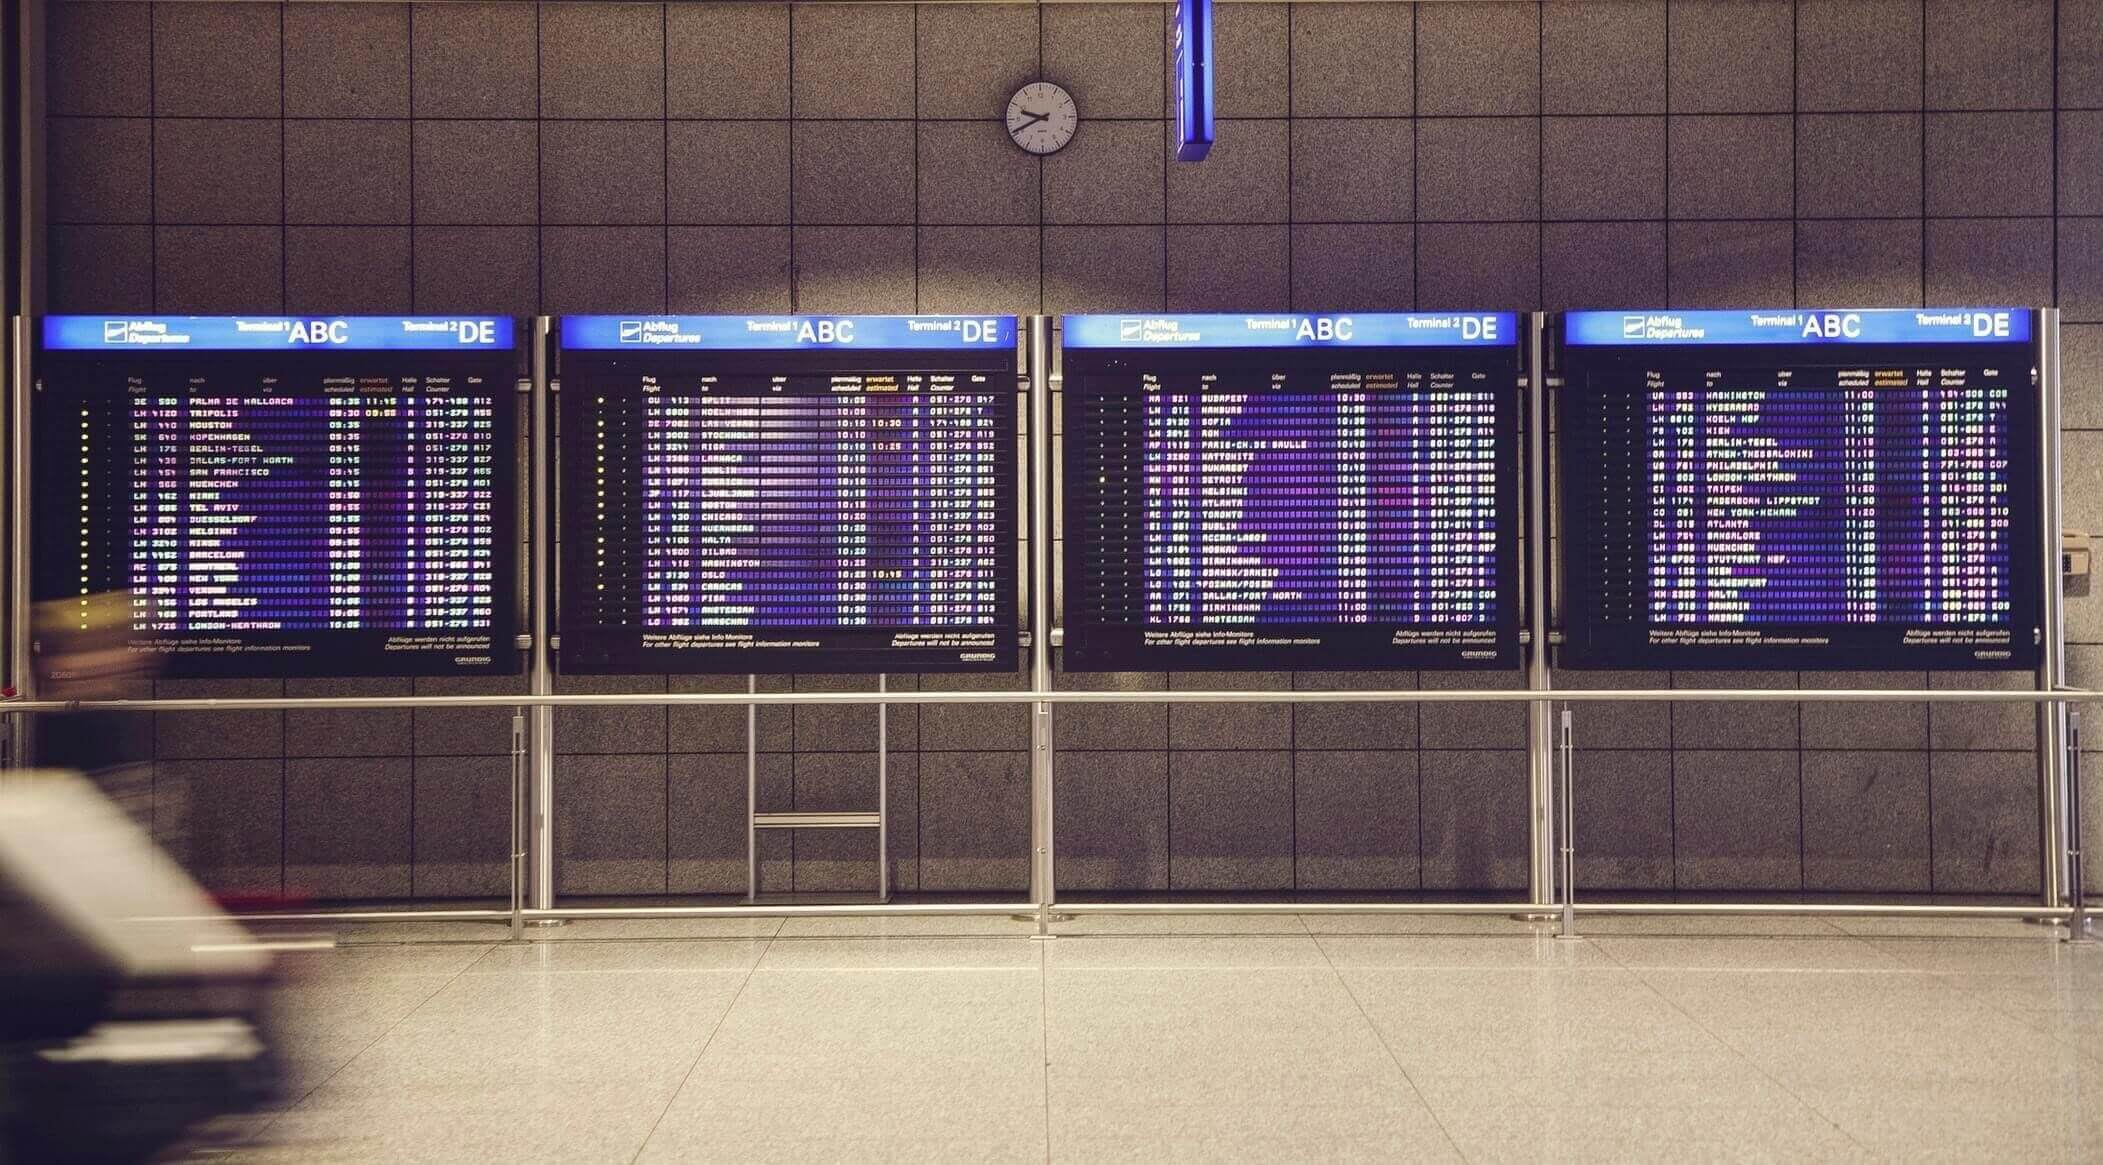 Sakit havalimanı